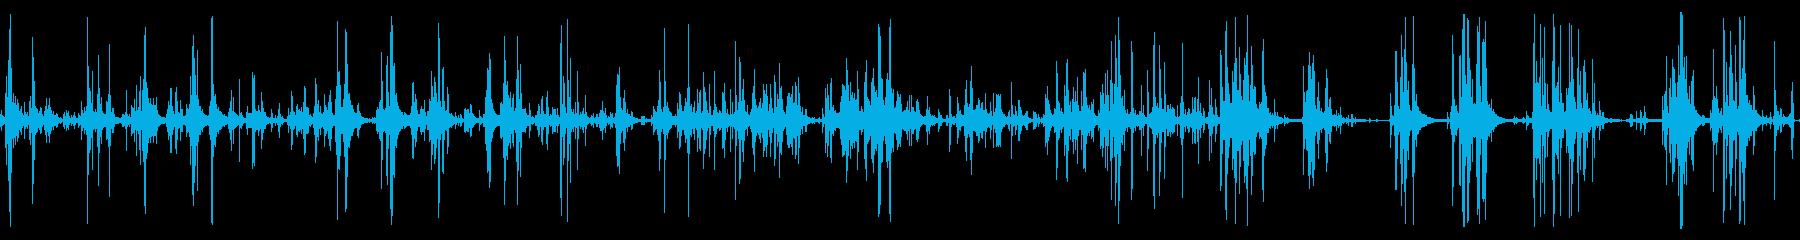 プレートアーマークランキングの再生済みの波形